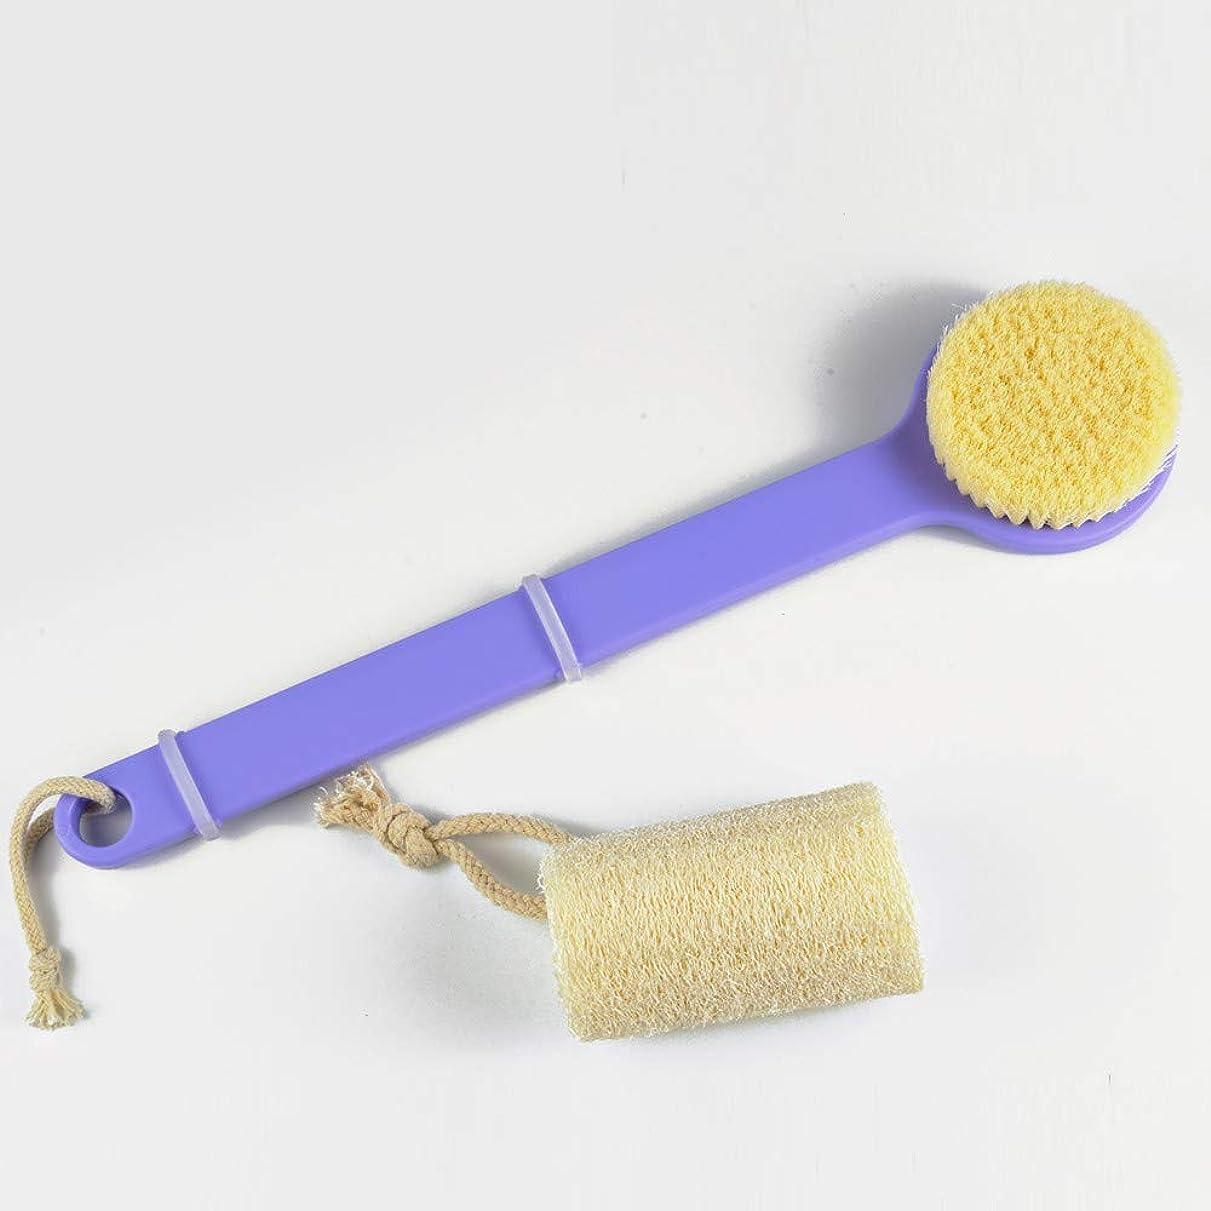 スイへこみがんばり続ける絶妙で小さなQ 柔らかい髪のボディブラシ天然へちまの湯沸かし器浴槽セット長いハンドル パープル